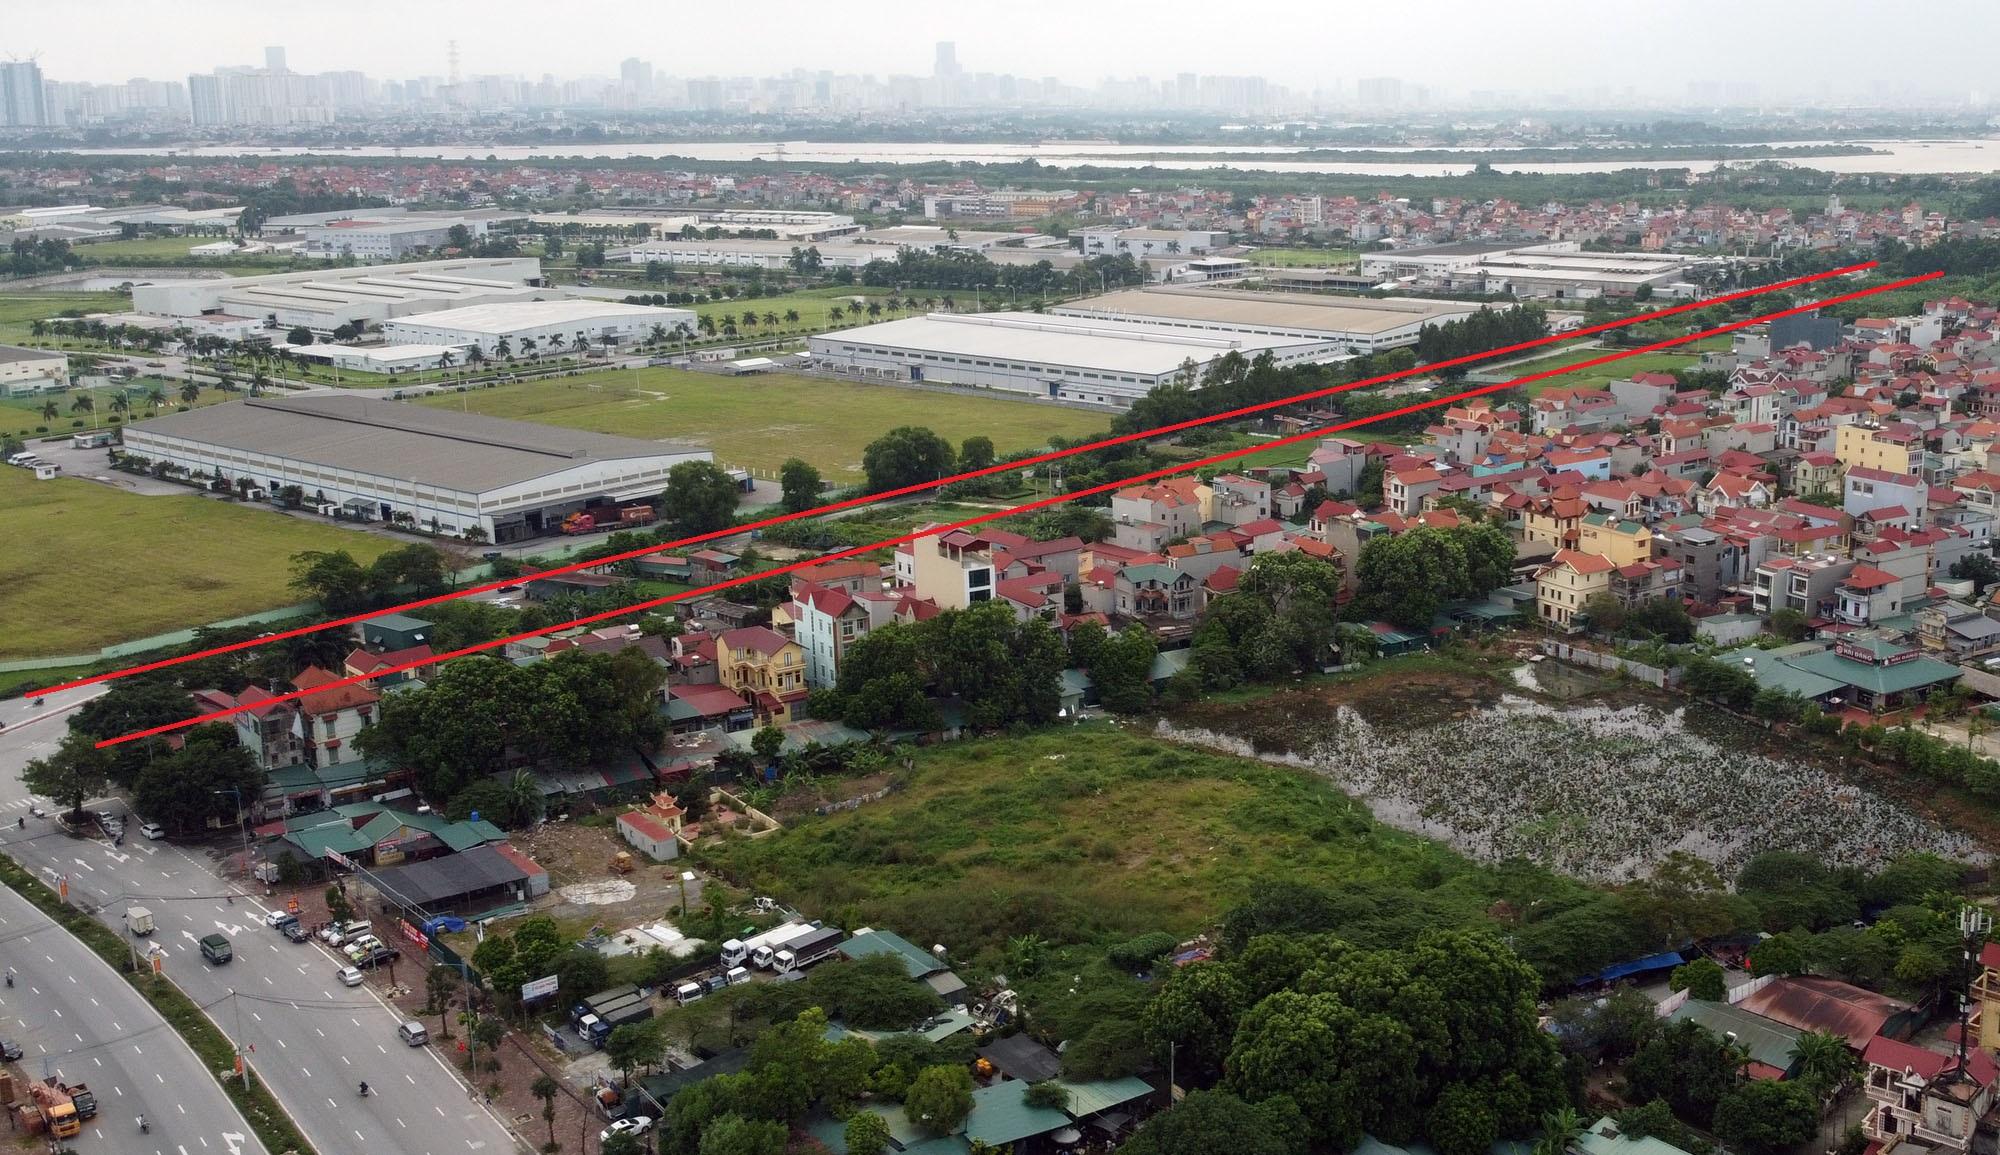 Ba đường sẽ mở theo qui hoạch ở xã Đại Mạch, Đông Anh, Hà Nội - Ảnh 9.